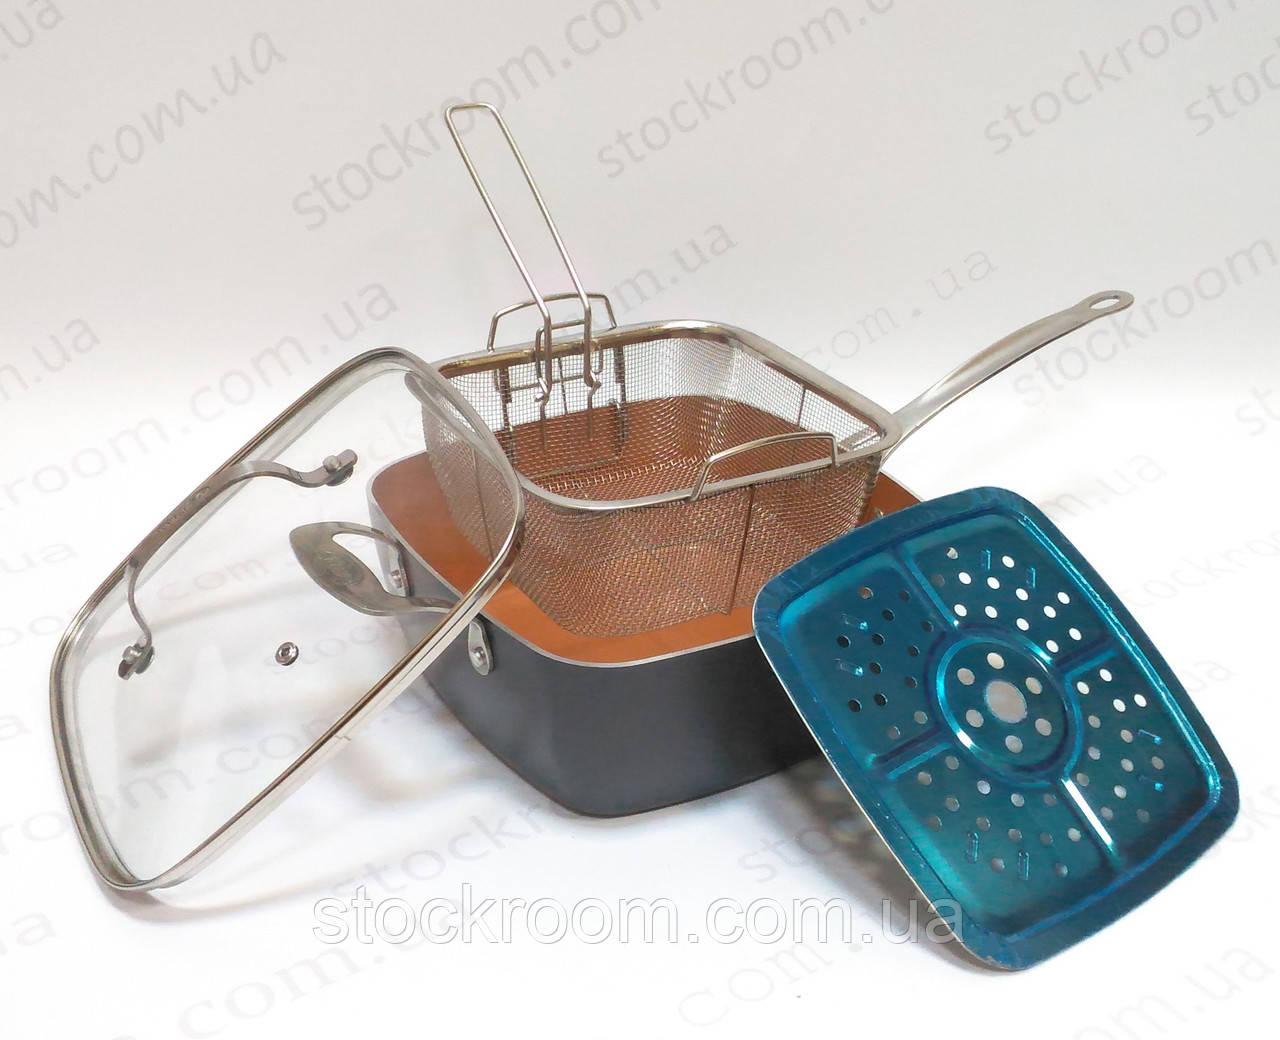 Сковорода-сотейник GOTHAM 3в1 многофункциональная